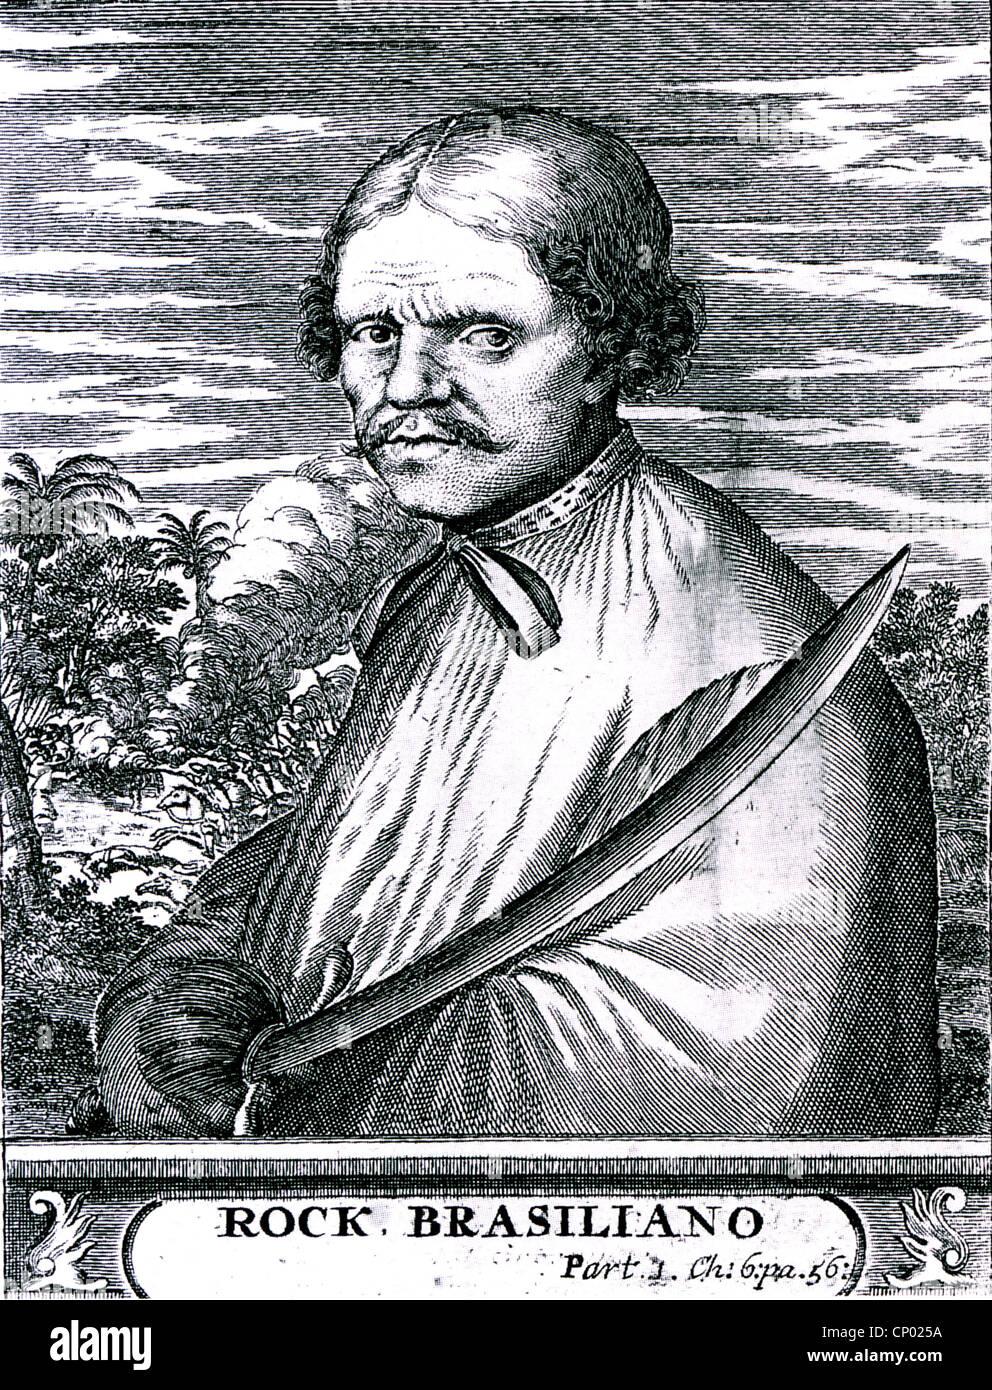 ROCHE BRAZILIANO (c 1630- c 1671) Dutch pirate - Stock Image